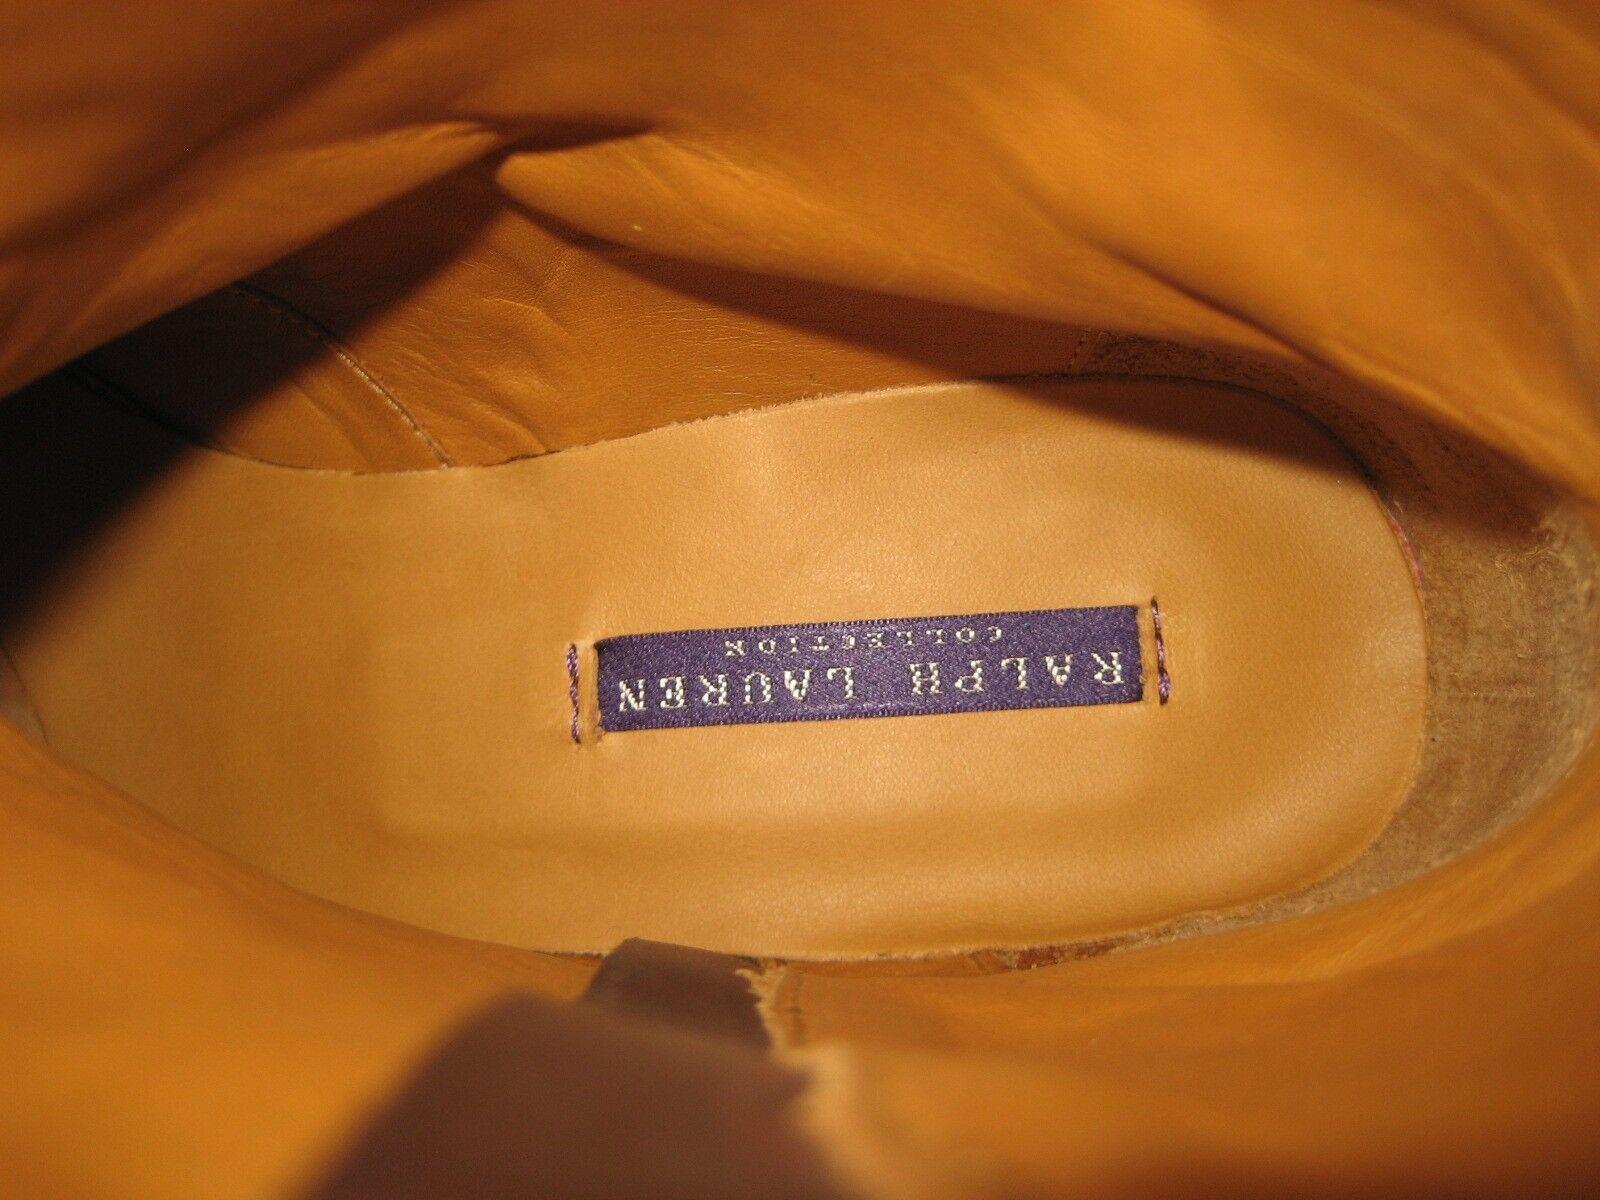 795 NEW RALPH LAUREN COLLECTION US US US 8 marron Suede Ninette Ankle bottes  BOX 608054